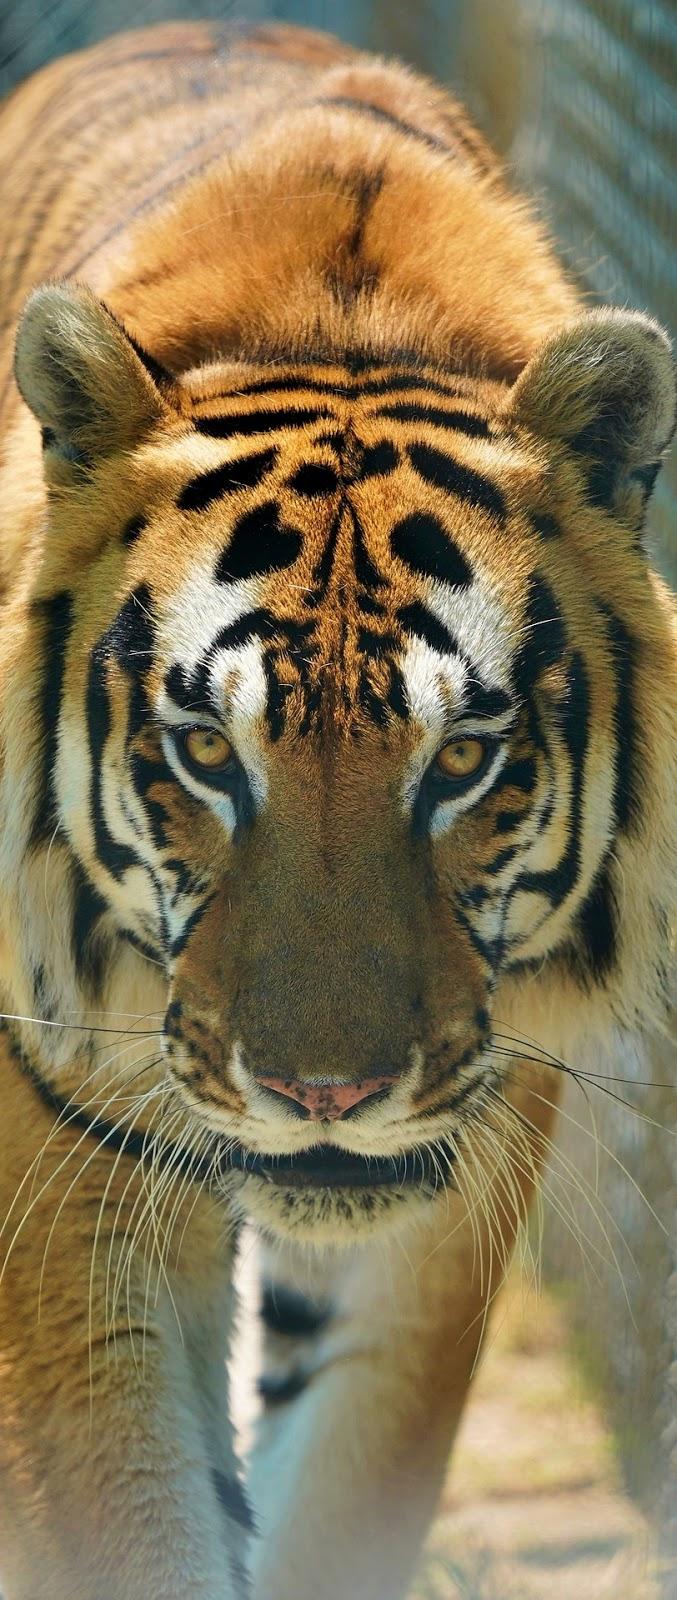 A majestic tiger.